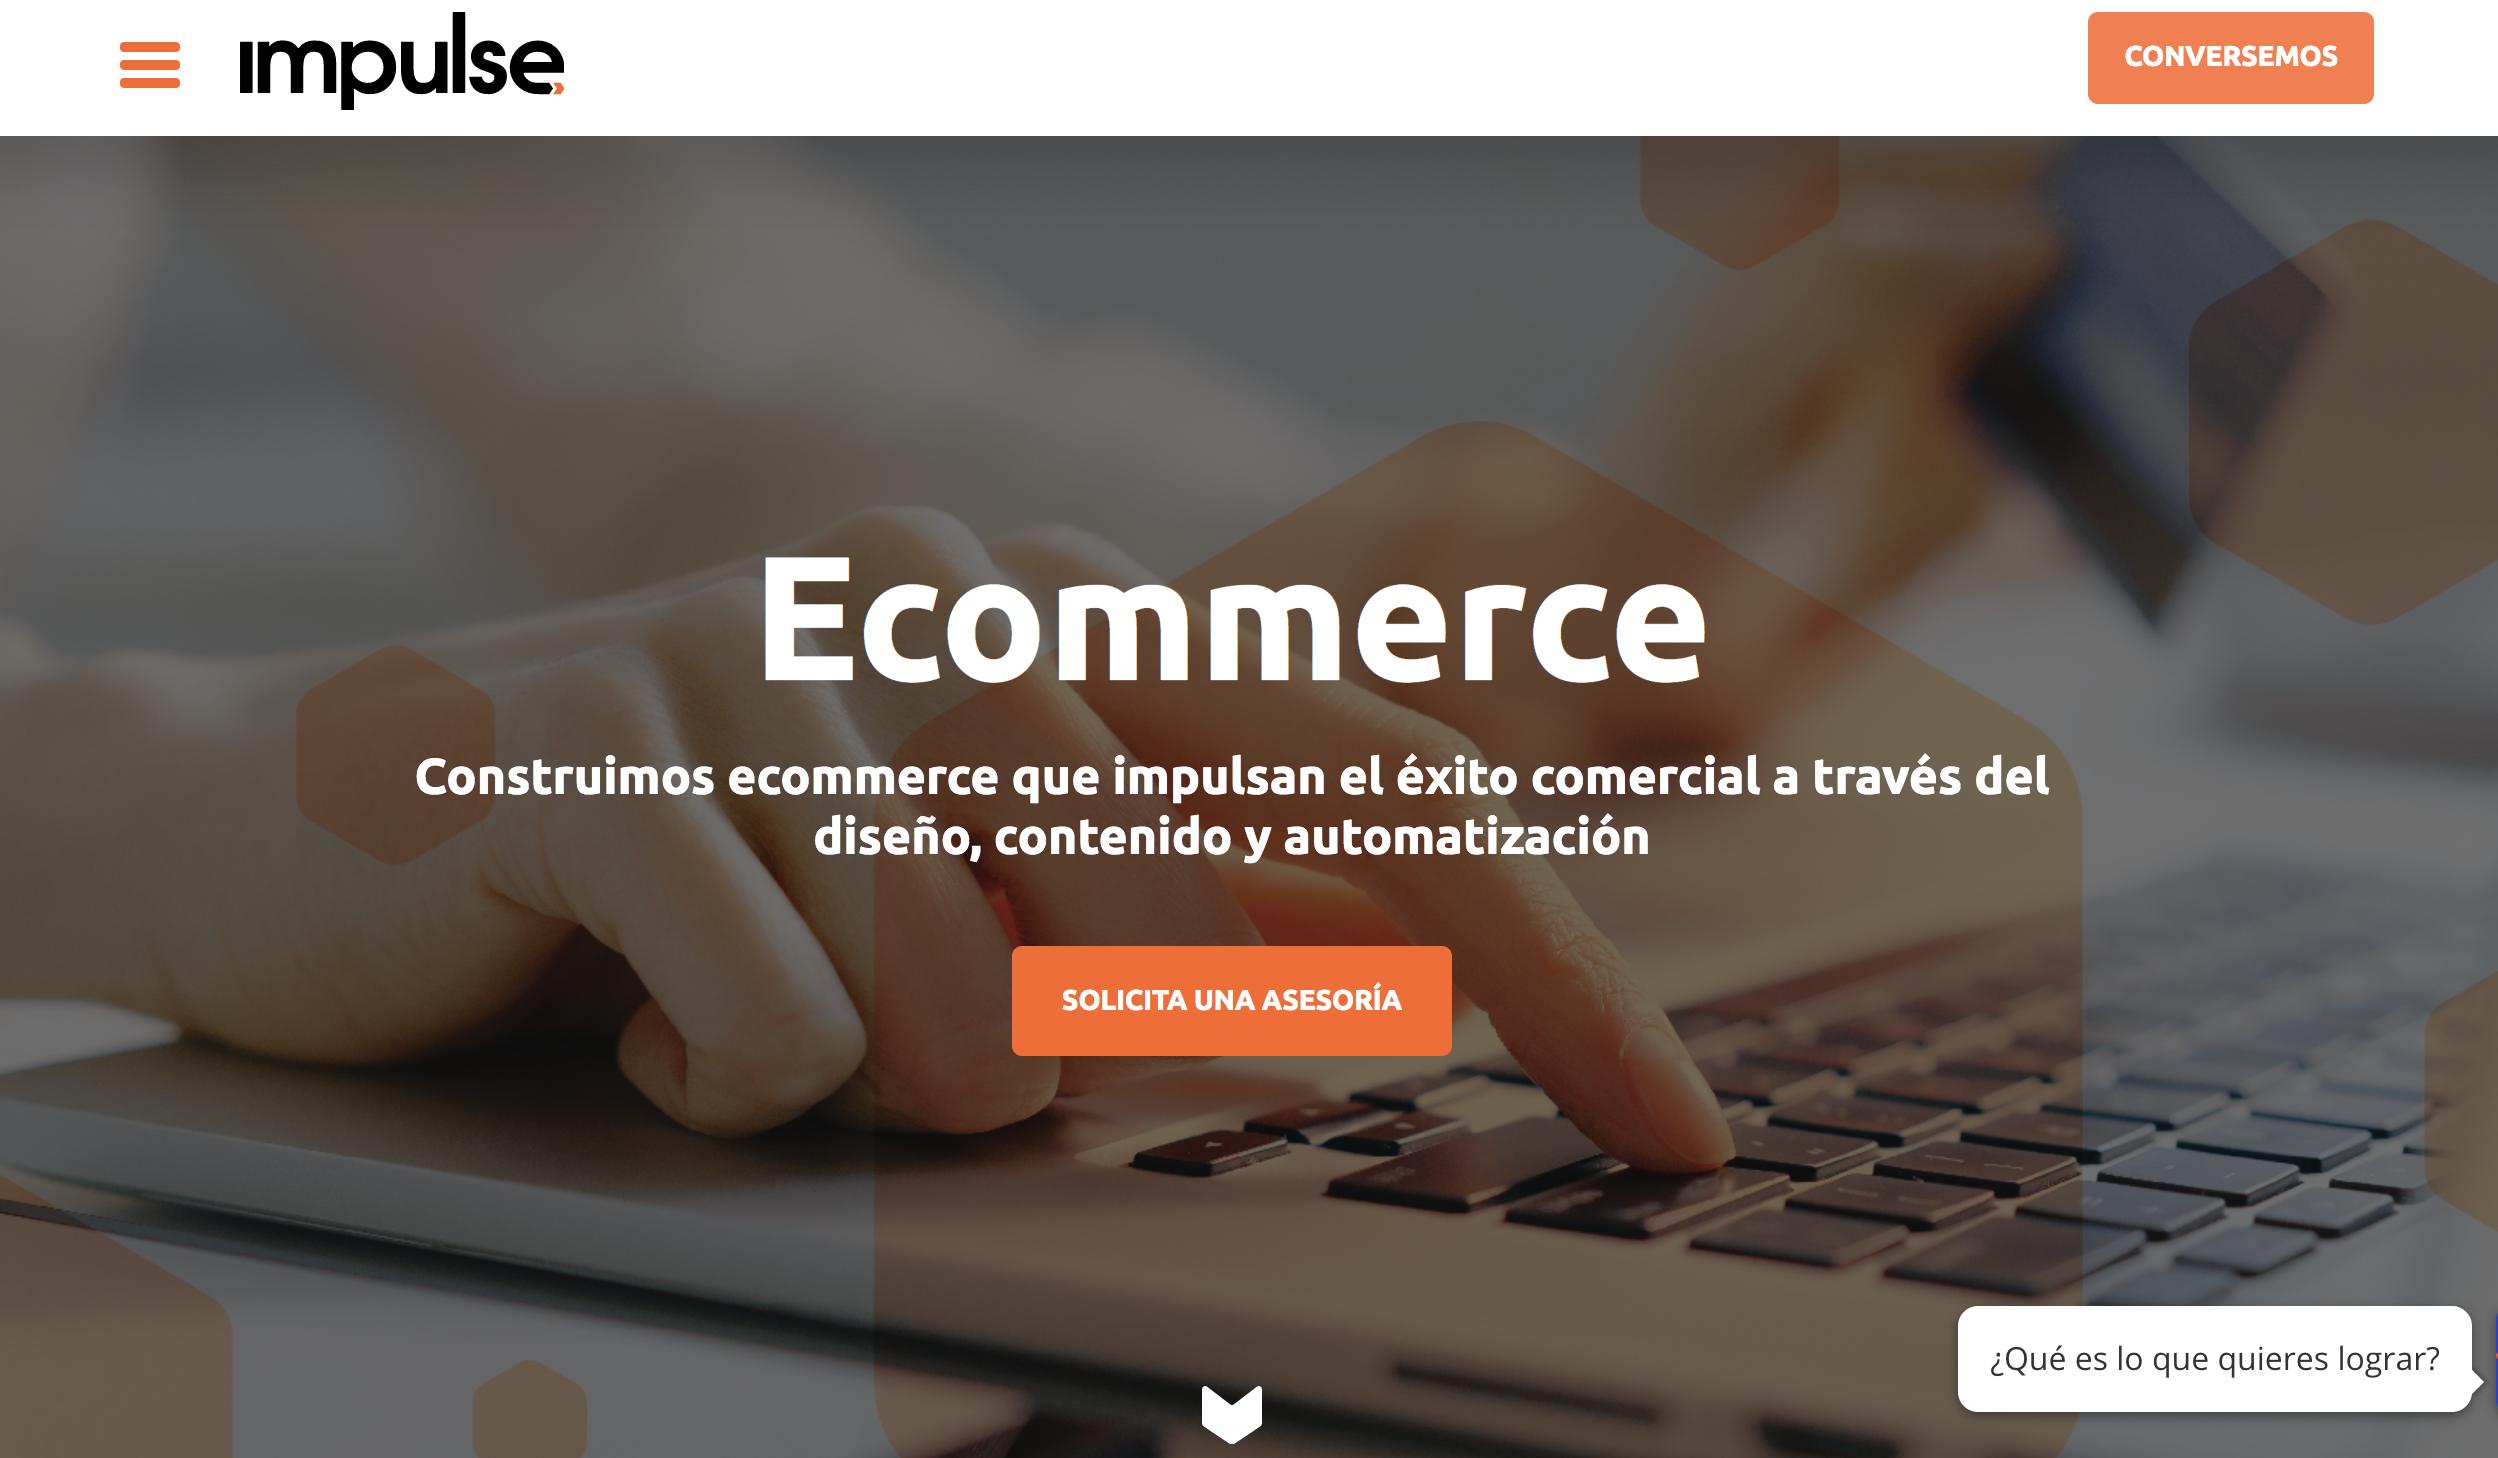 Impulse - Agencia de Inbound Marketing para ecommerce